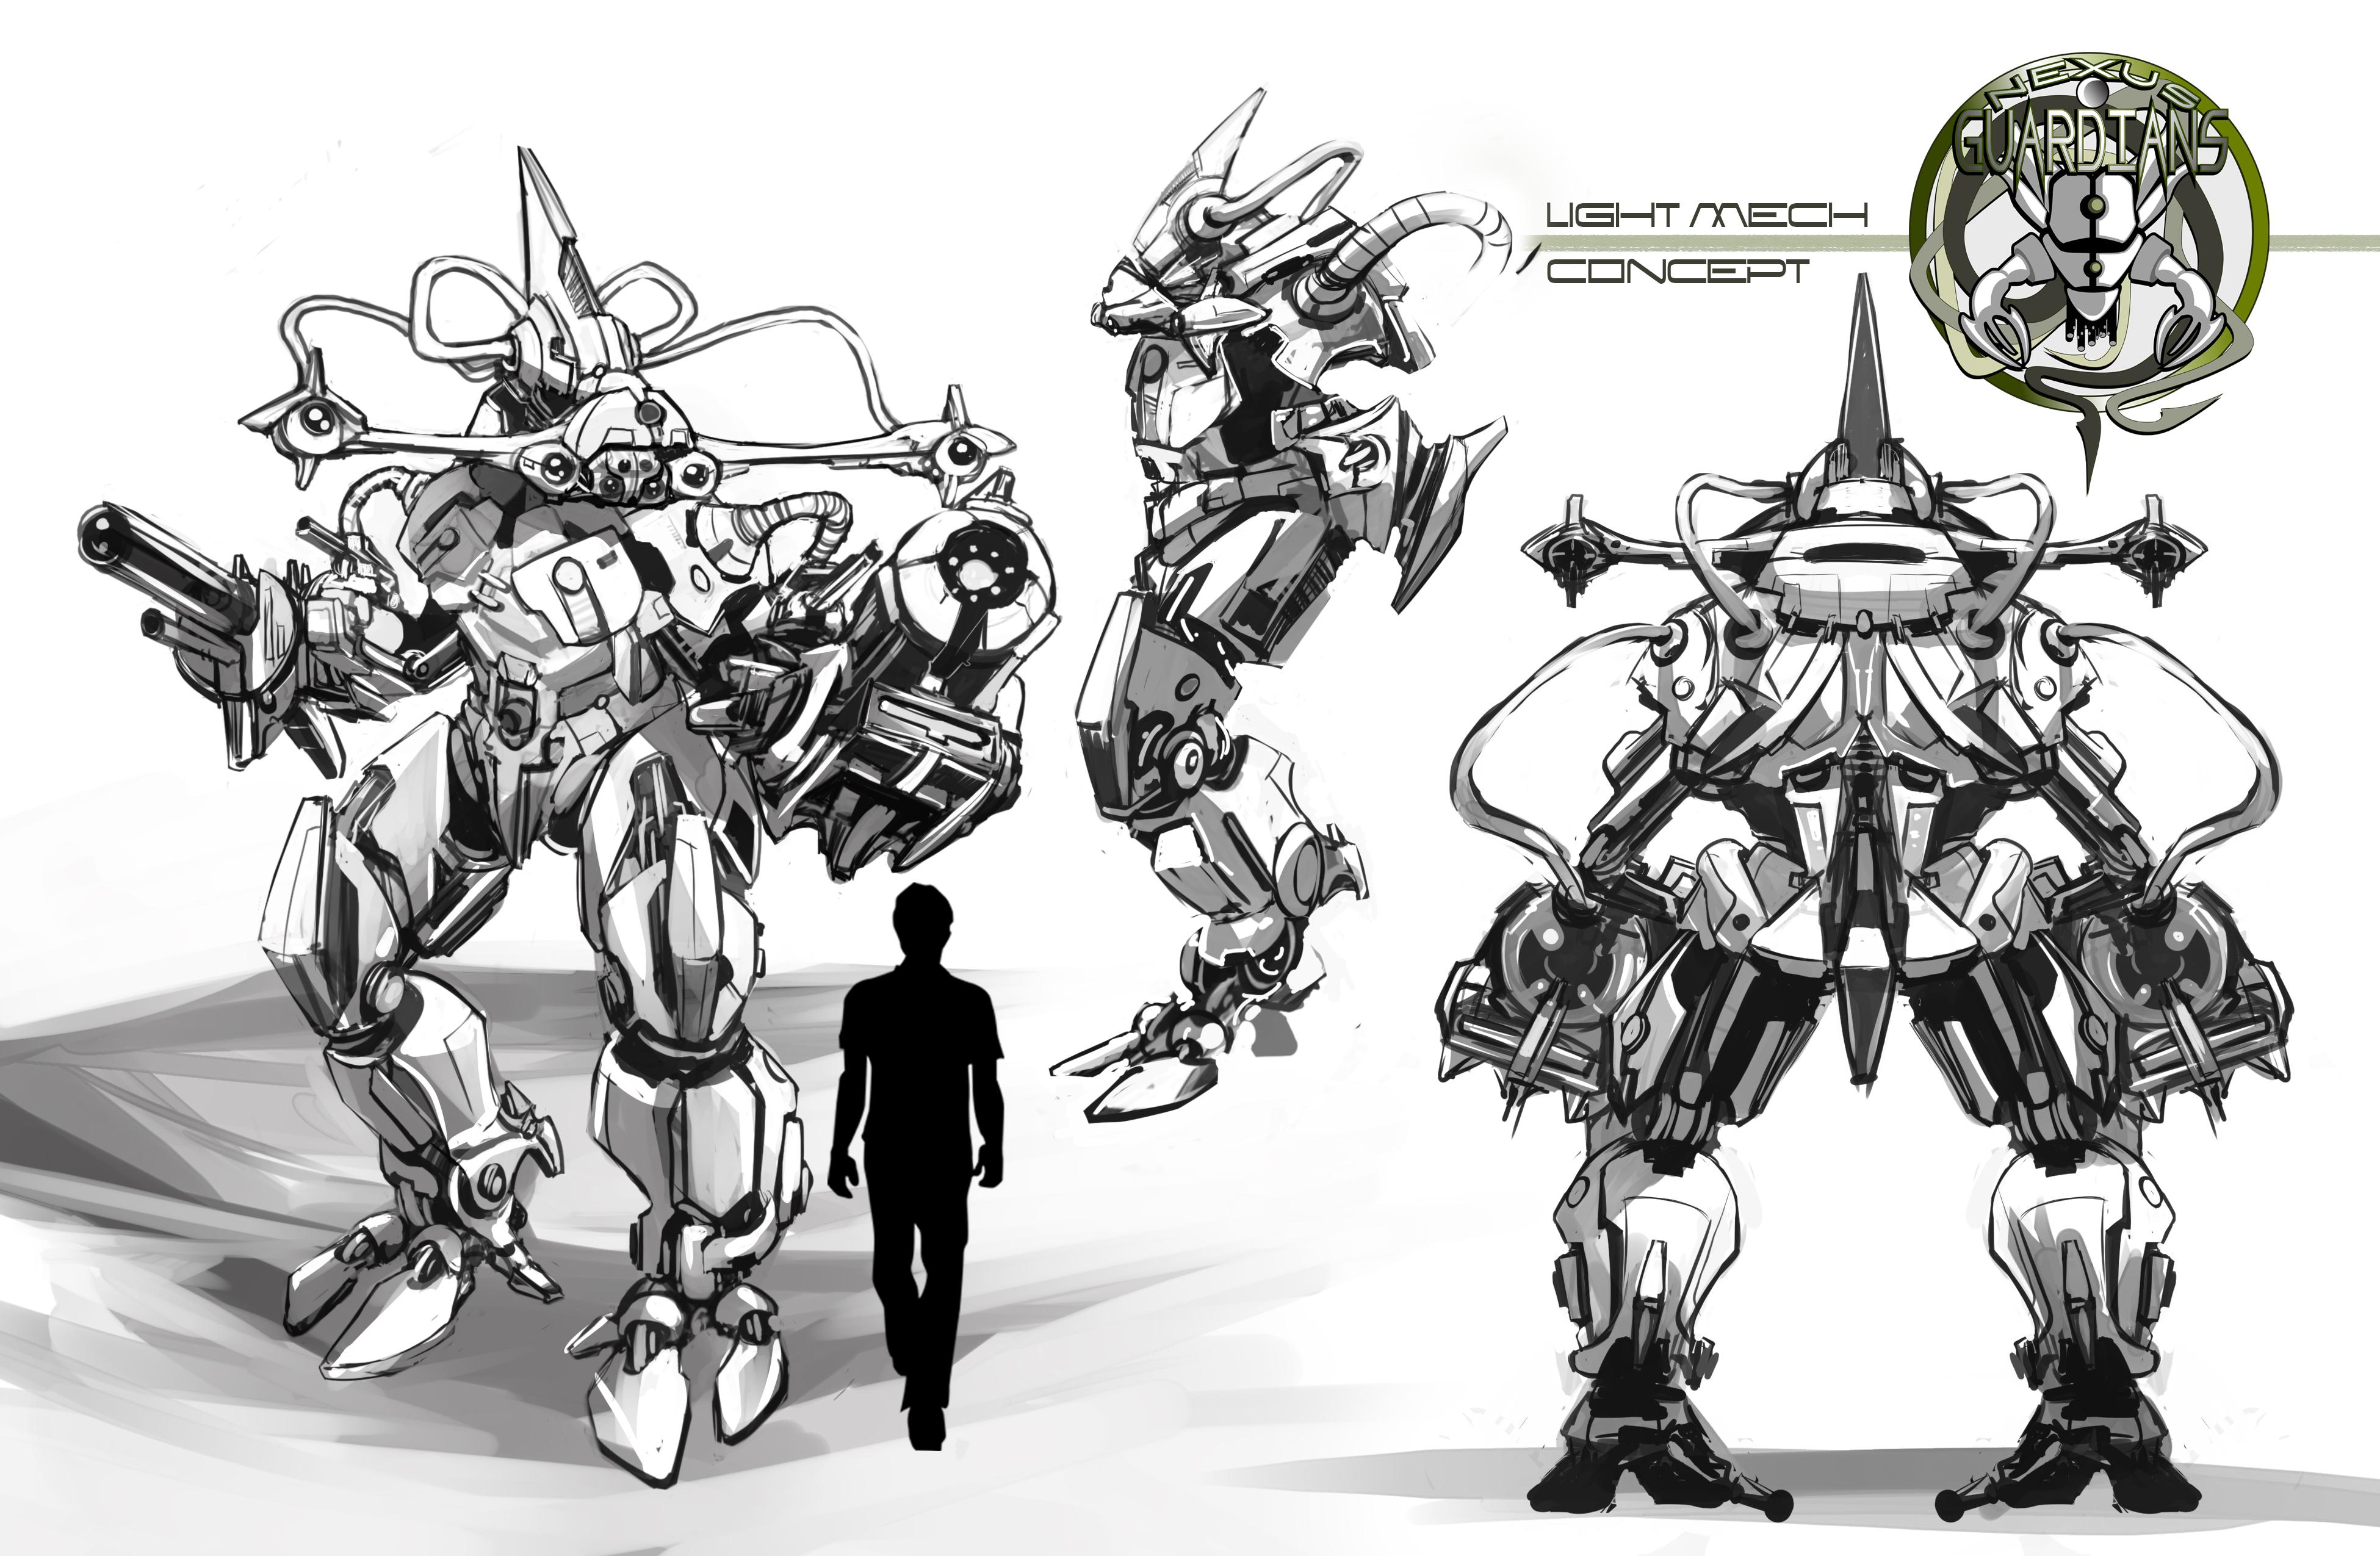 Nexus Guardians Light Mech